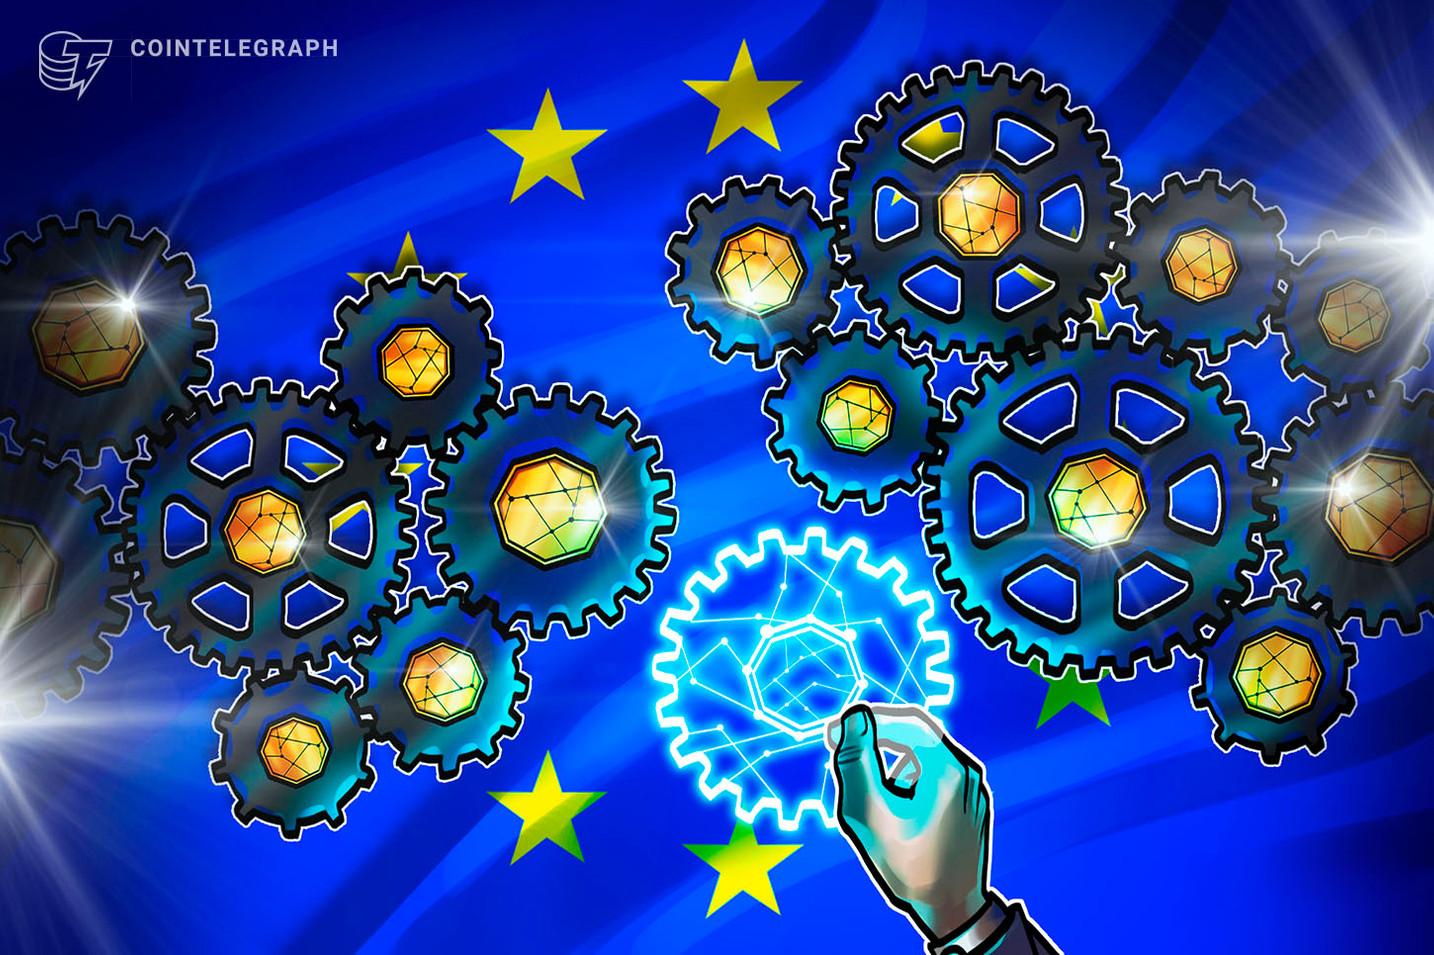 Franse regering dringt aan op één agentschap om crypto in de hele EU te reguleren